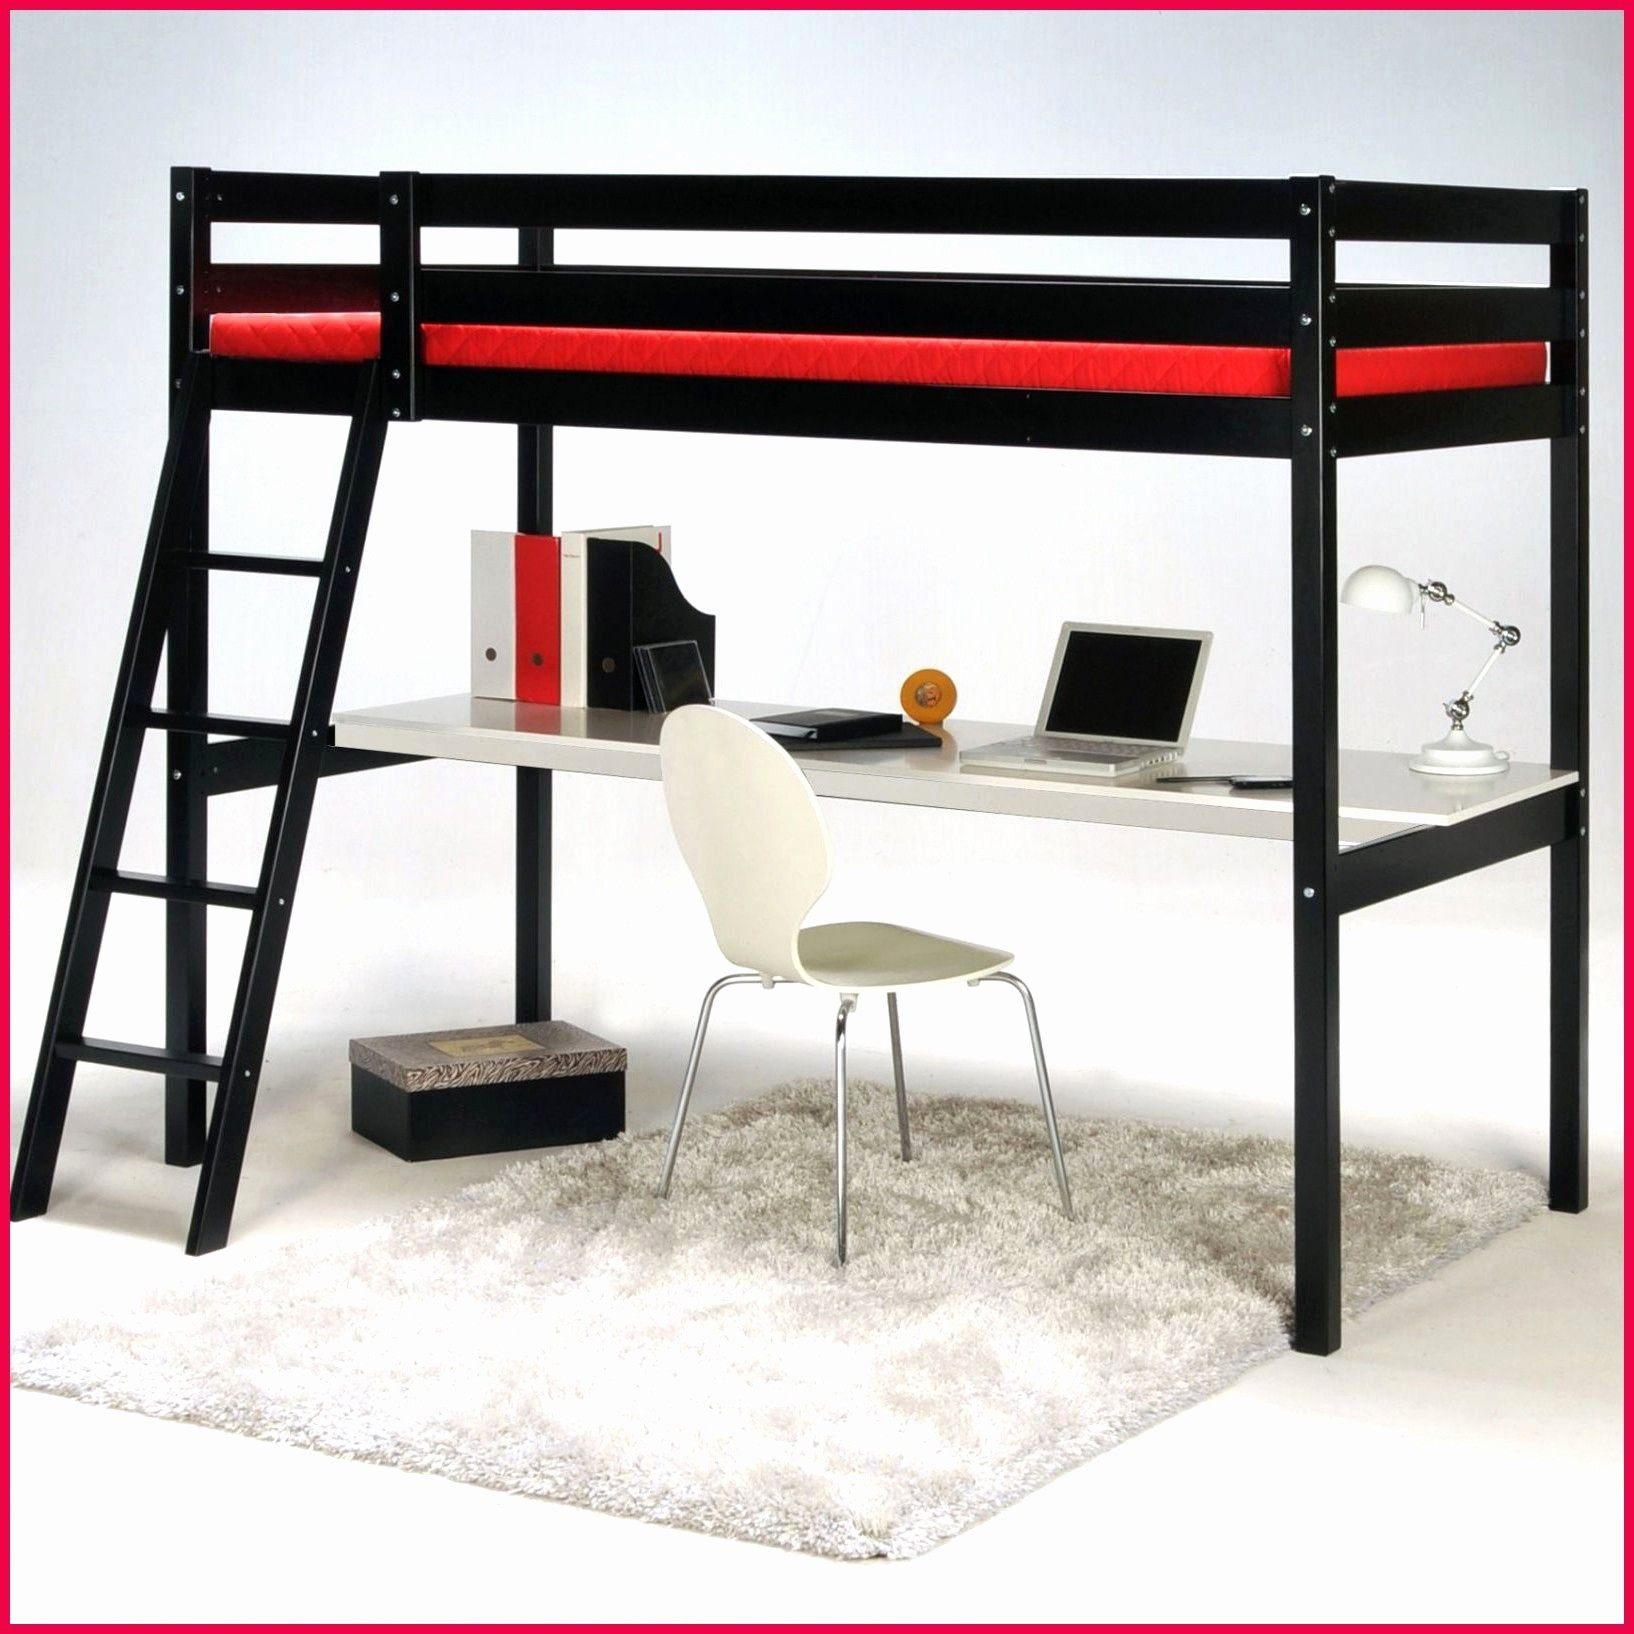 Lit Superposé Fly Nouveau Lit Mezzanine Bureau Armoire Lit Convertible 2 Places Ikea Canape 2